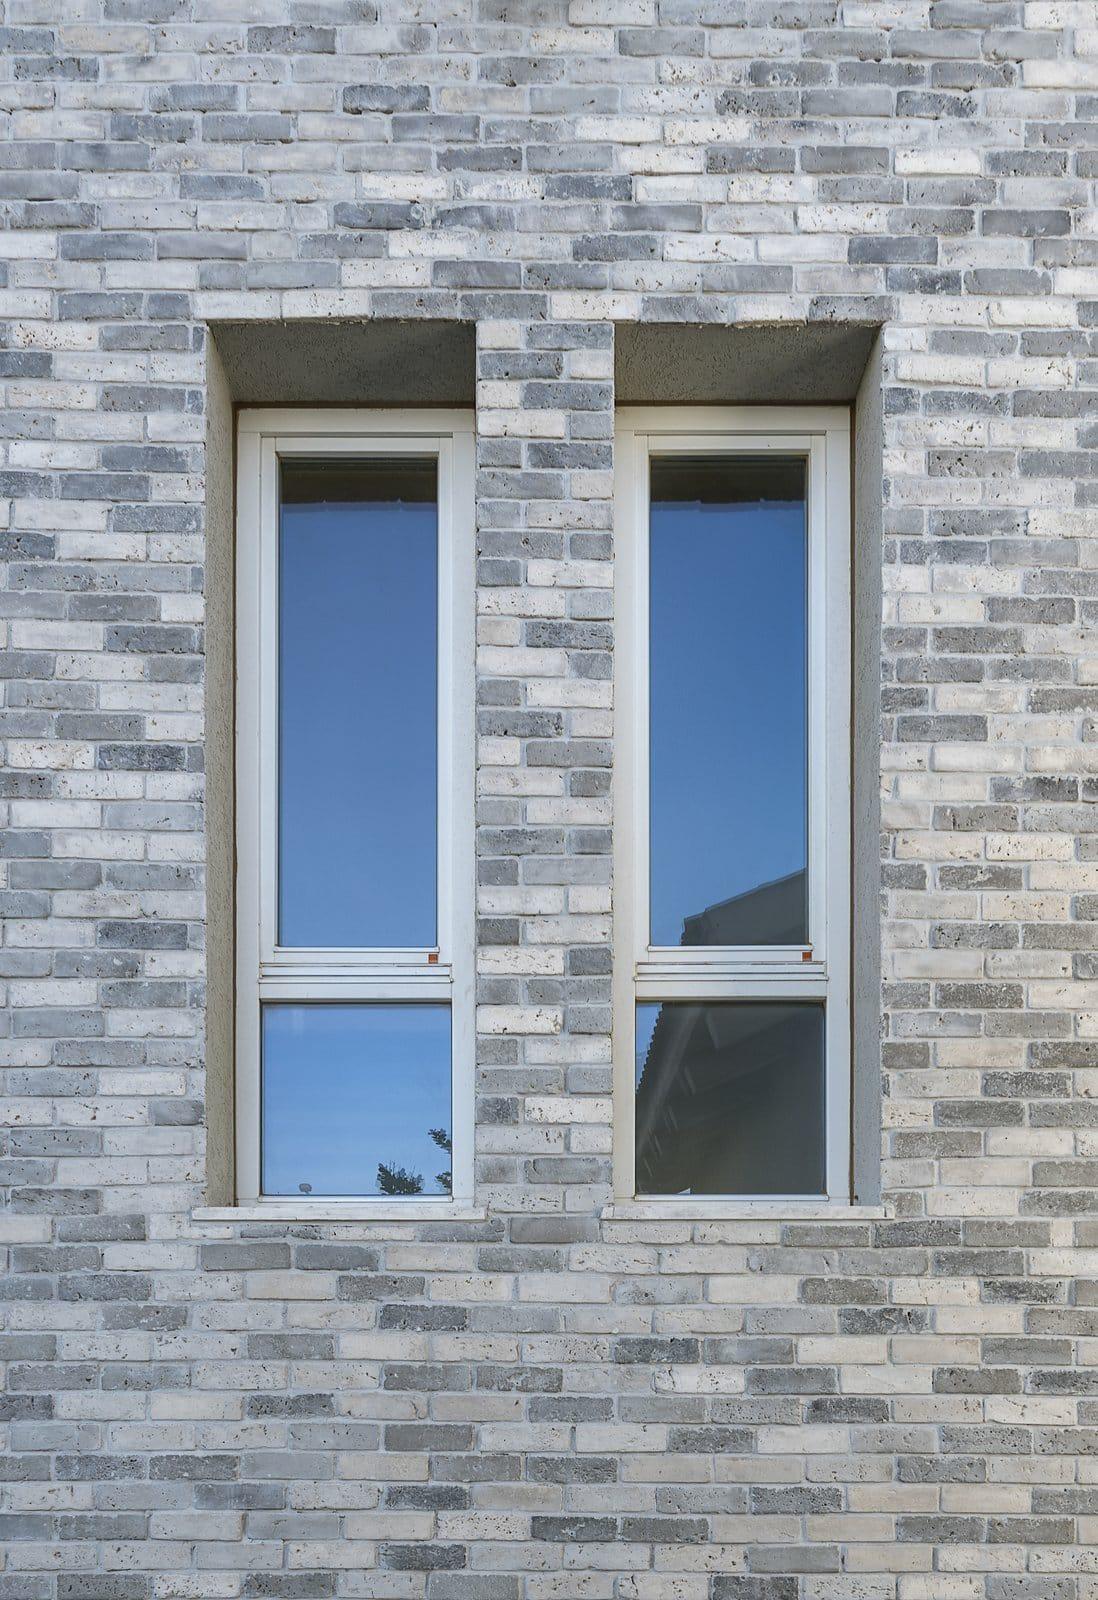 חלונות אקוסטיים - קונטור